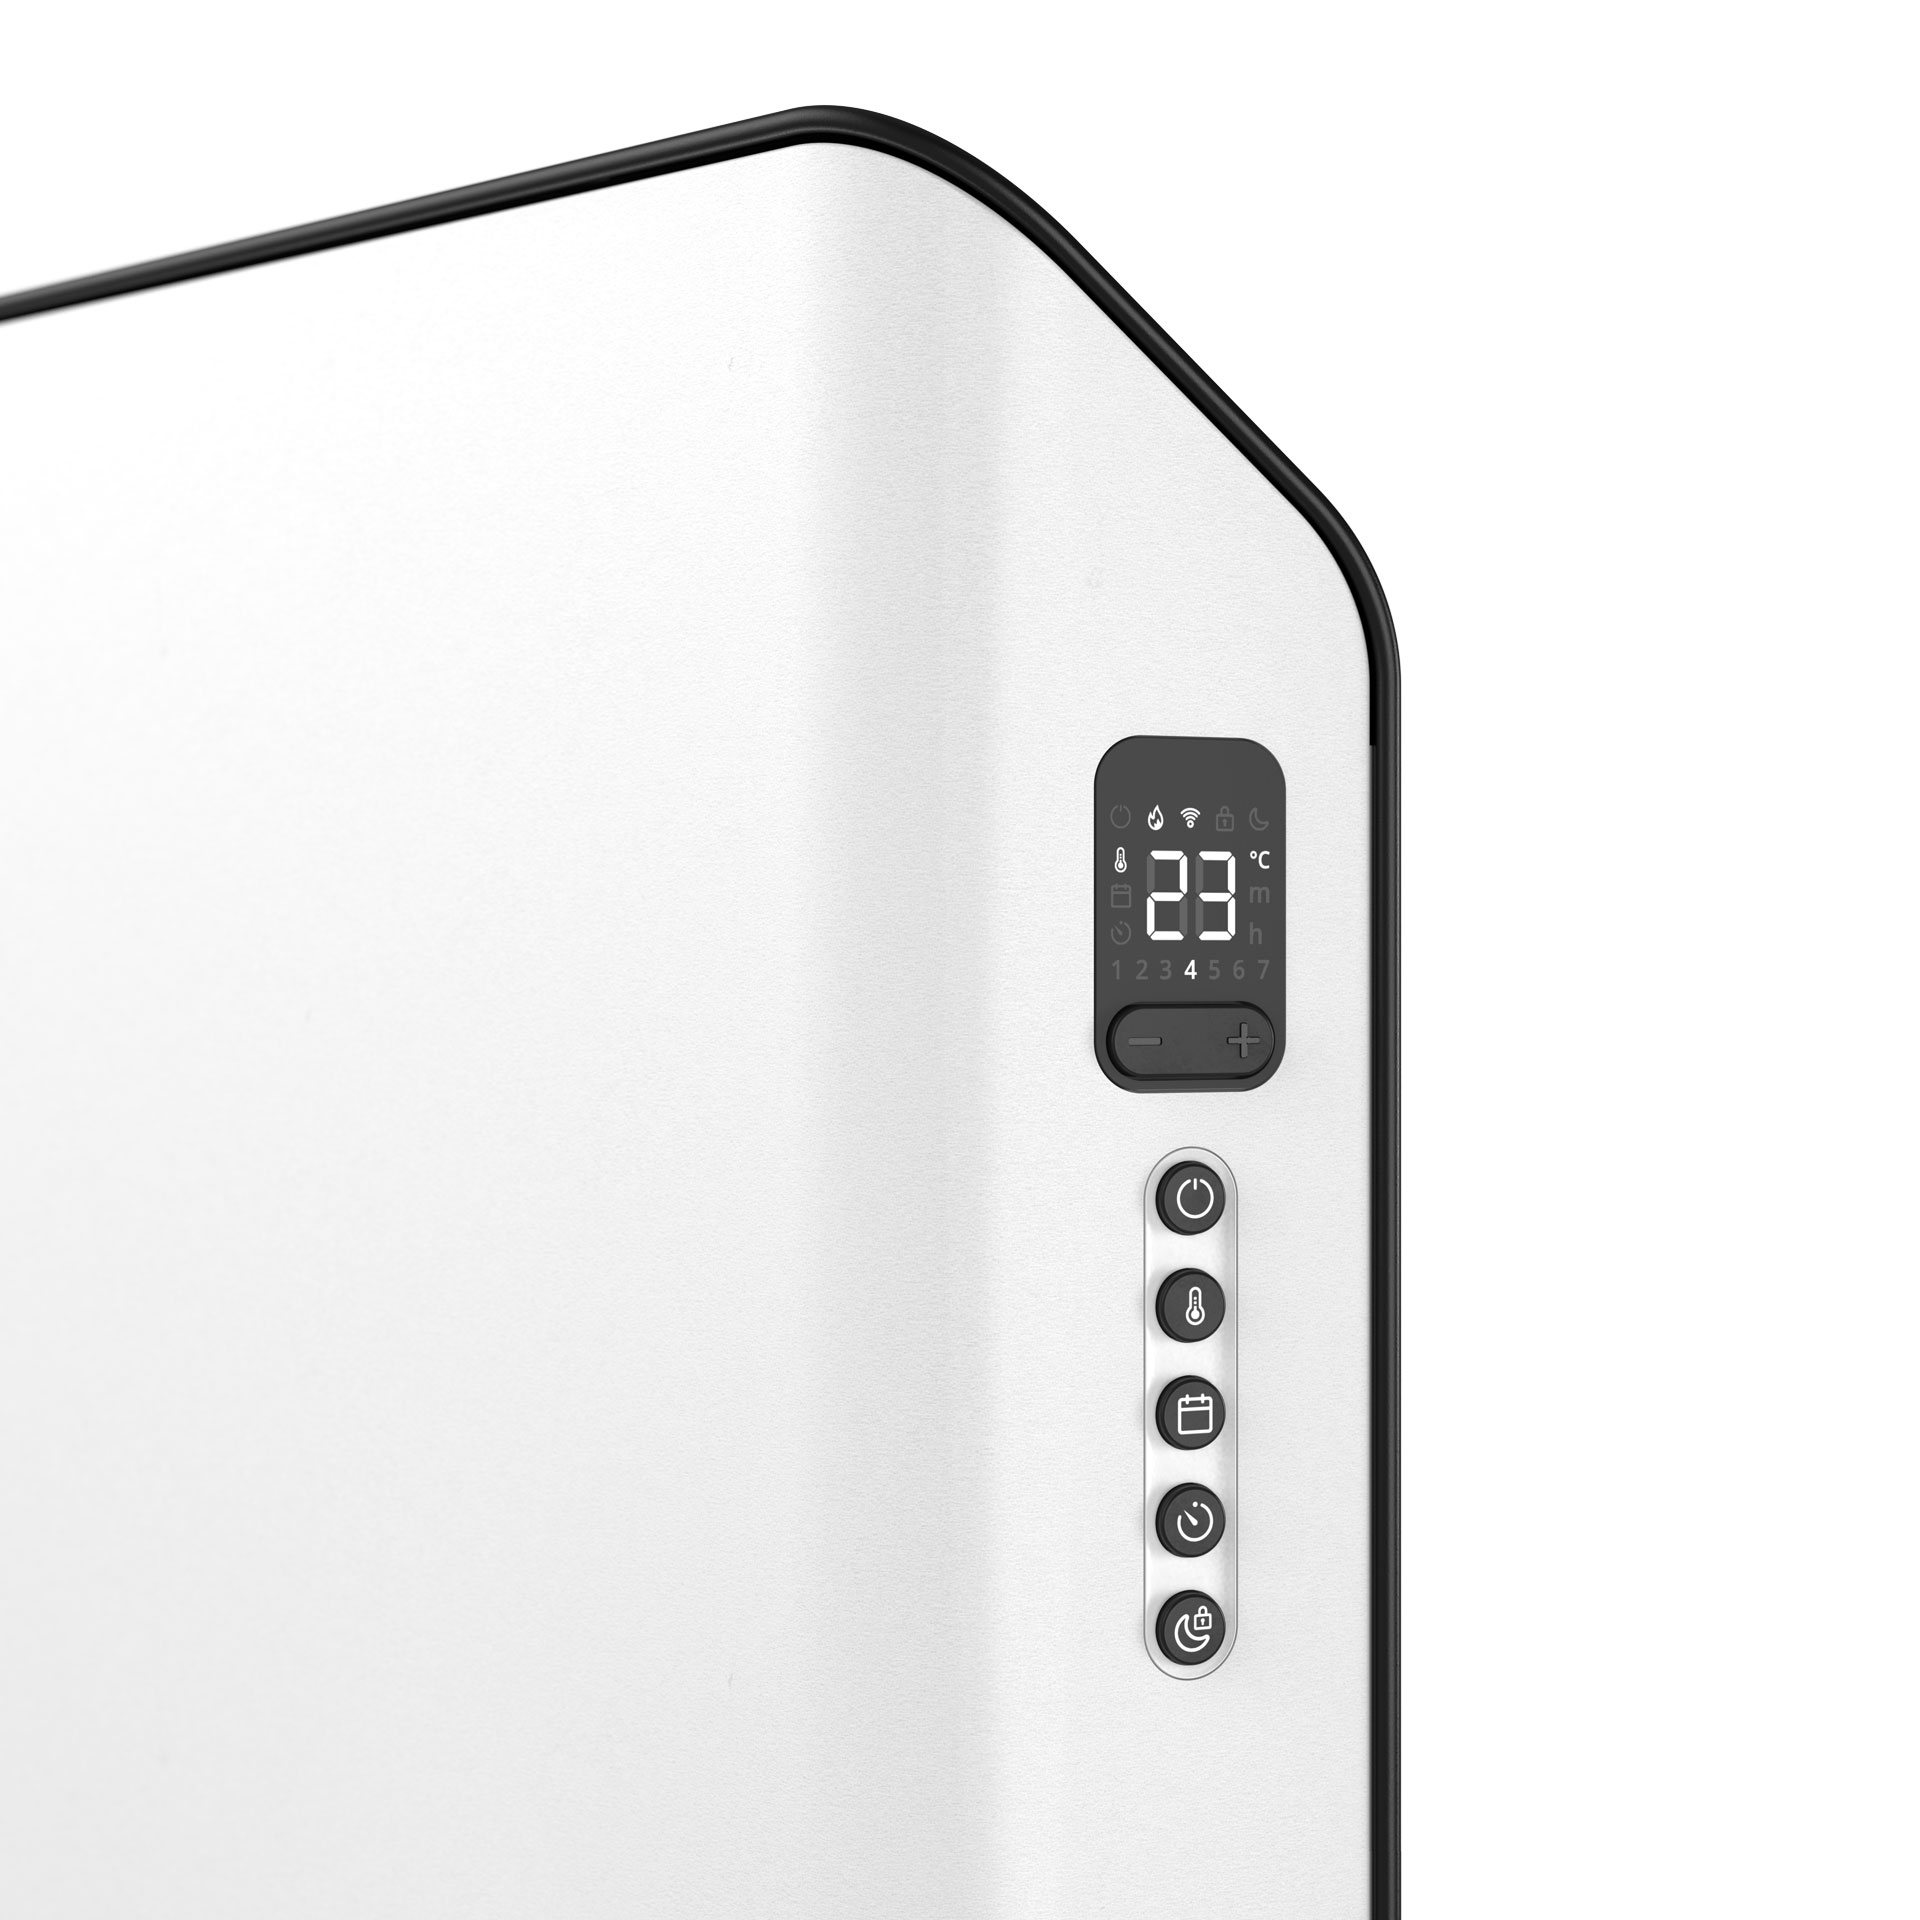 DUUX white Radiator E-Commerce Amazon Image Example 1